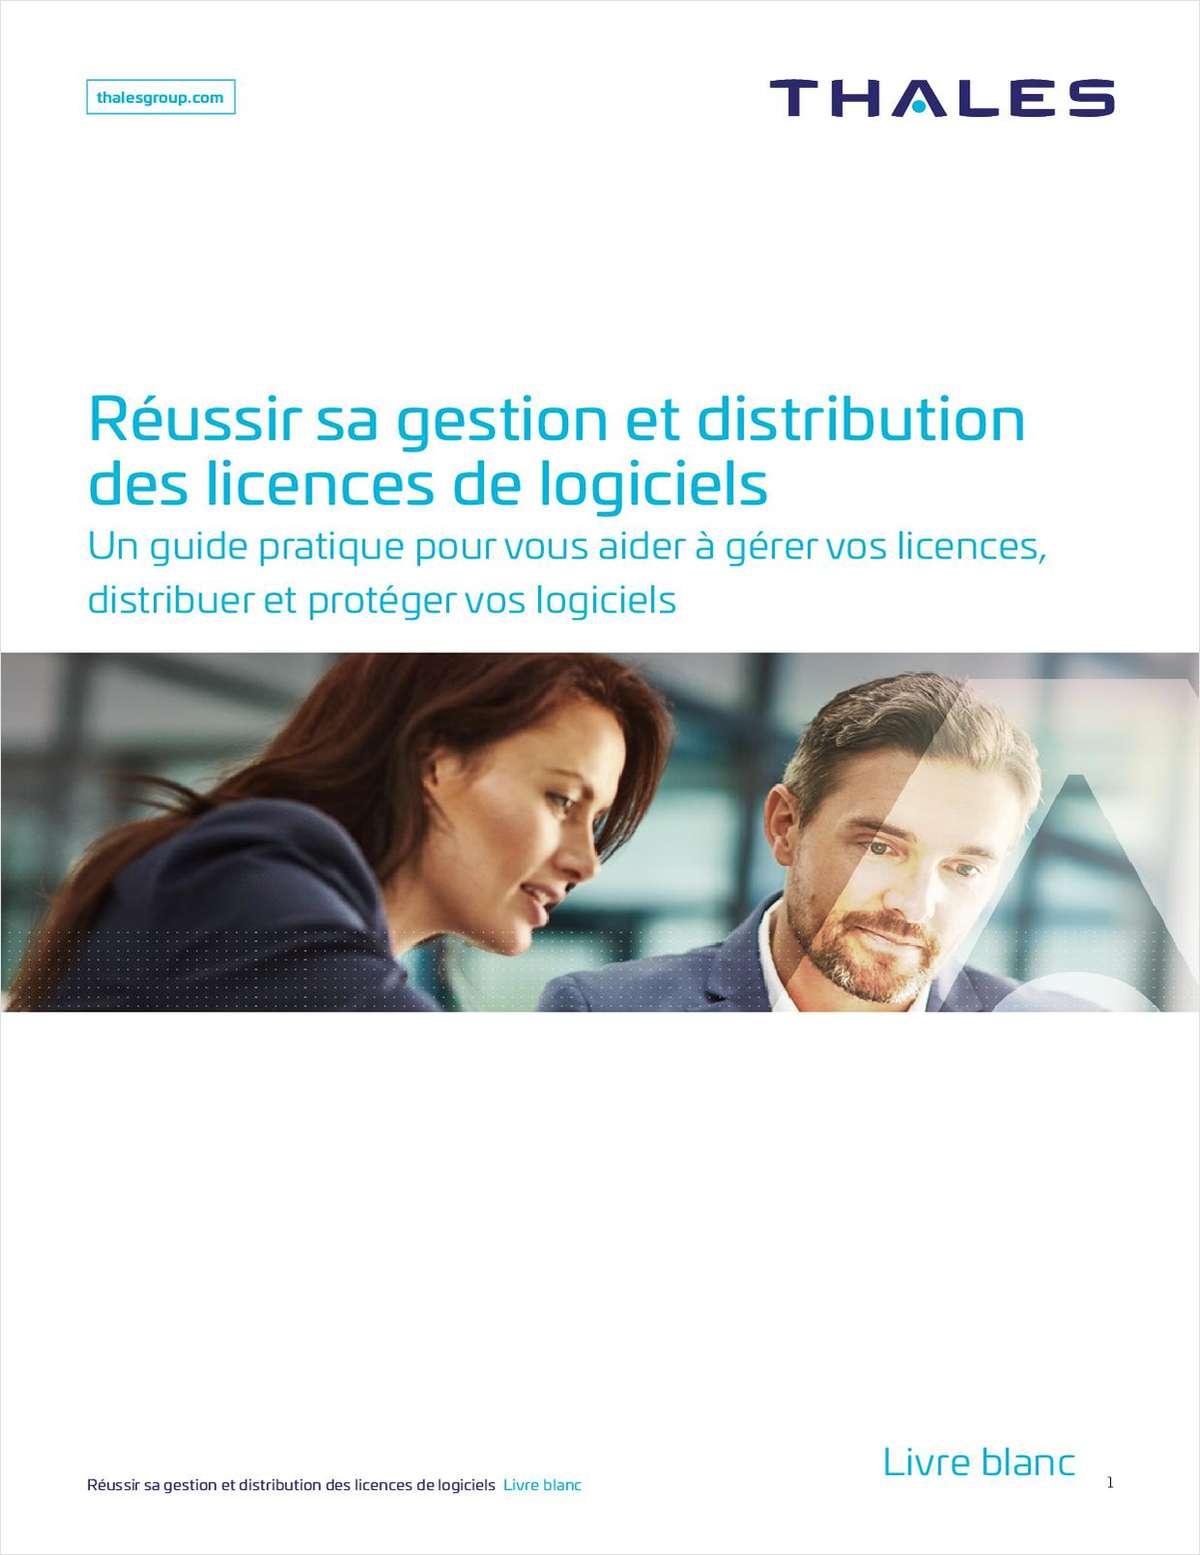 Réussir sa gestion et distribution des licences de logiciels